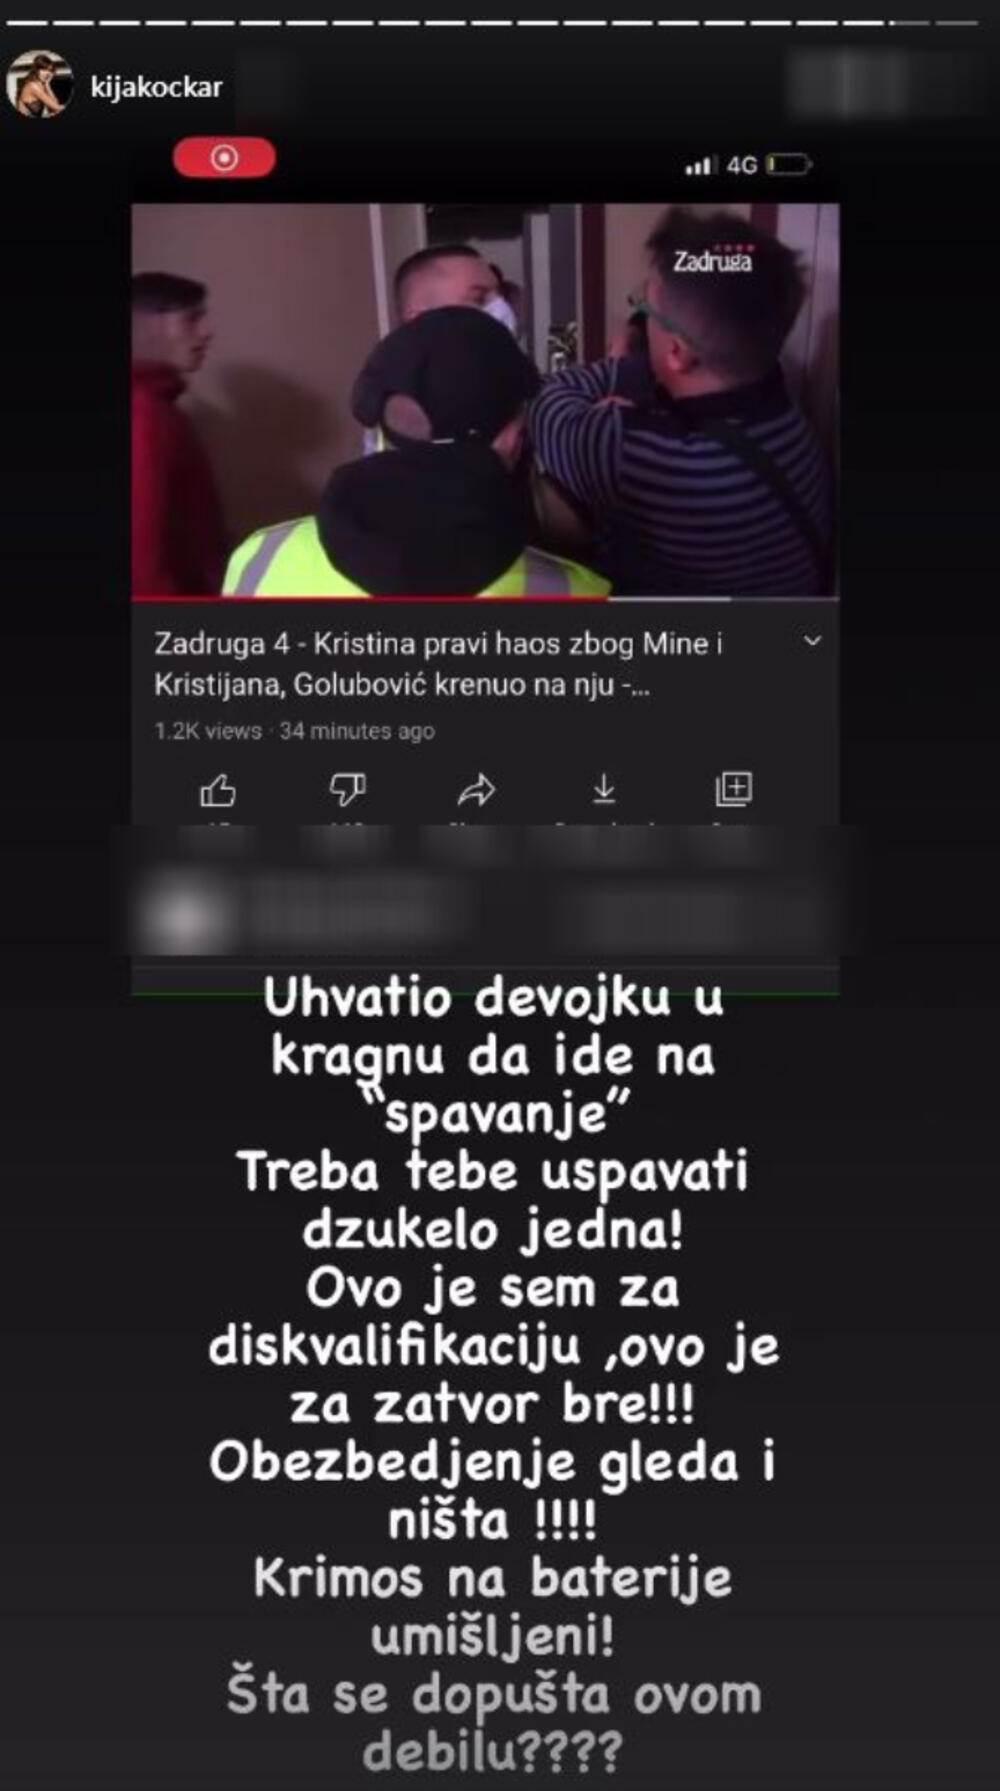 Kija Kockar o Kristijanu Goluboviću